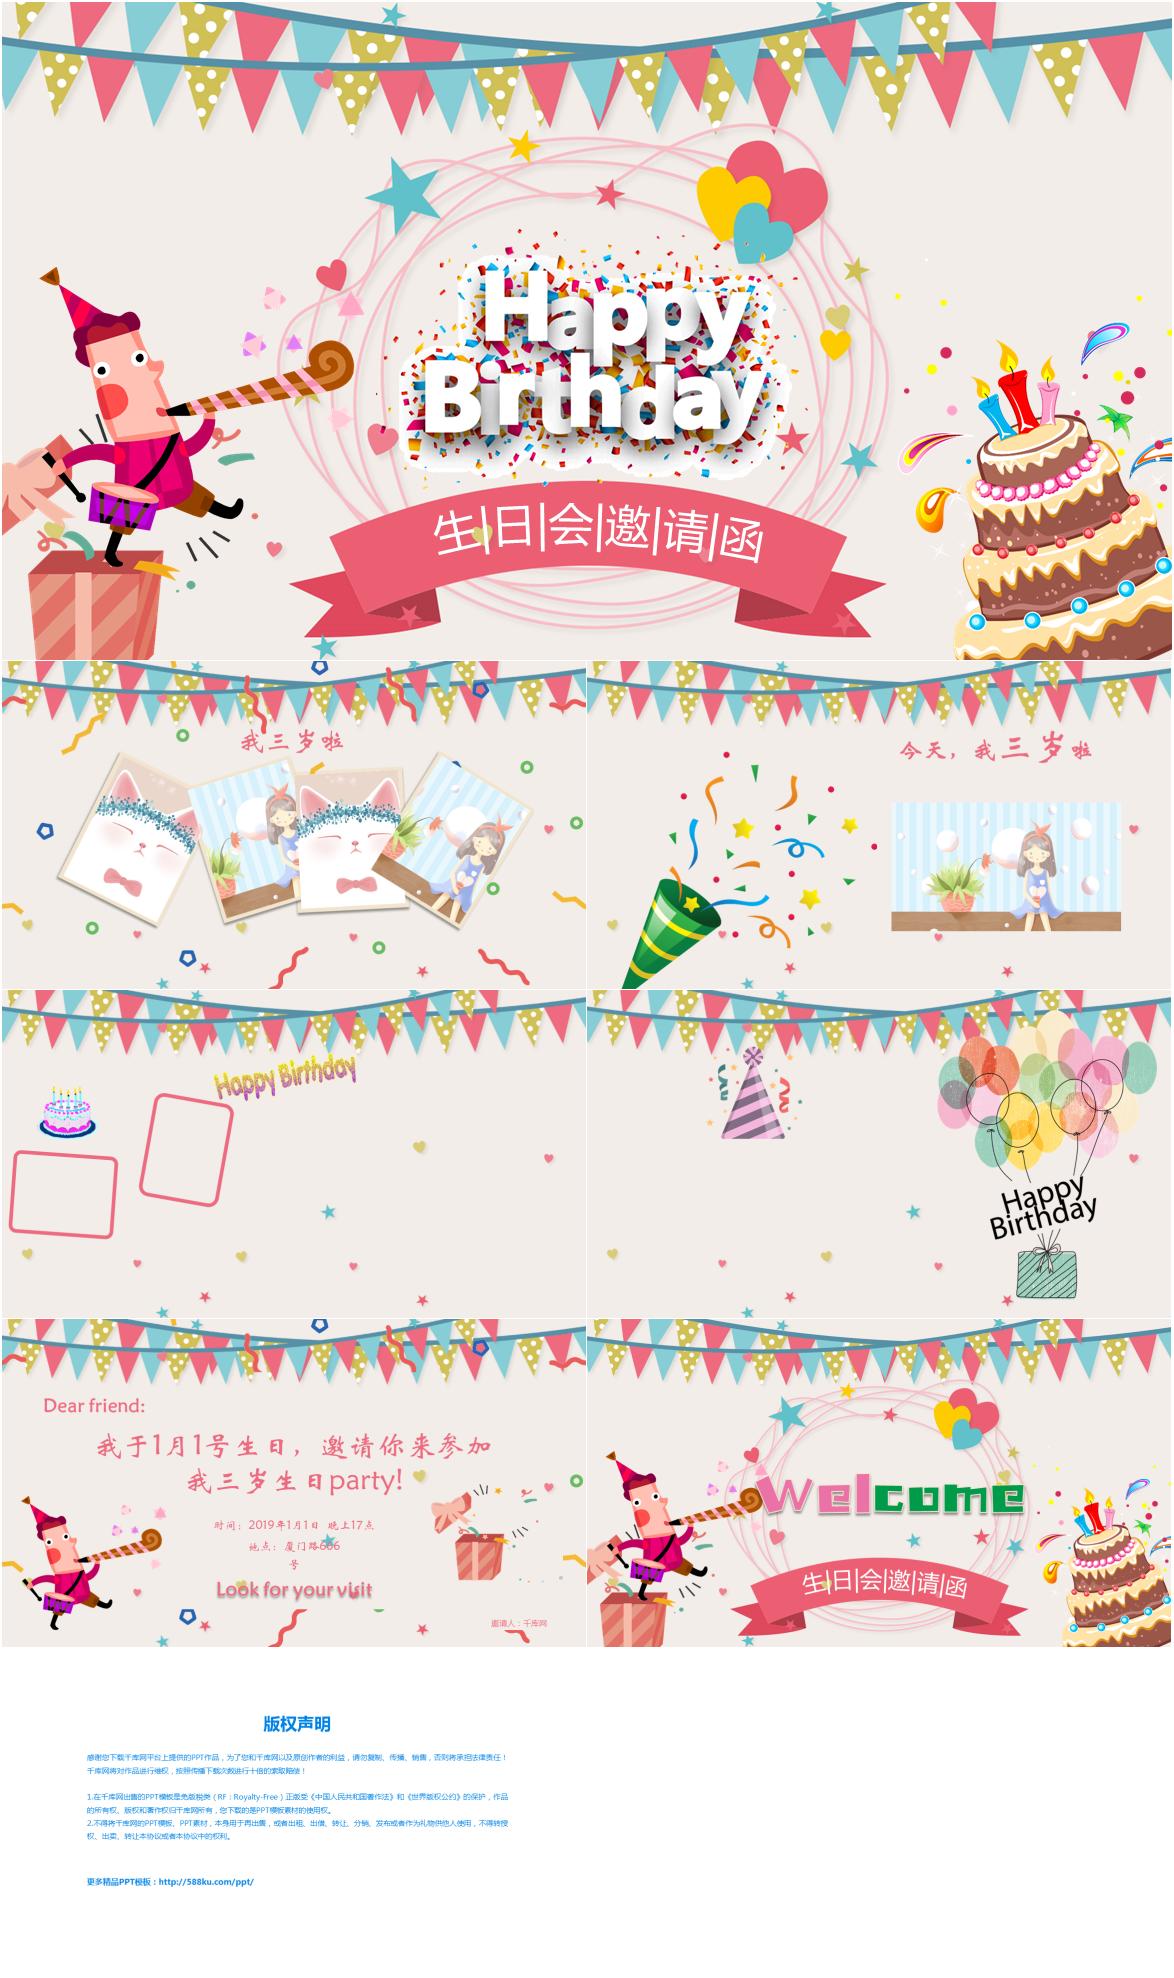 الكرتون للأطفال حفلة عيد ميلاد الألبوم دعوة قالب الرسوم المتحركة Childrens Birthday Party Printing On Fabric Childrens Birthday